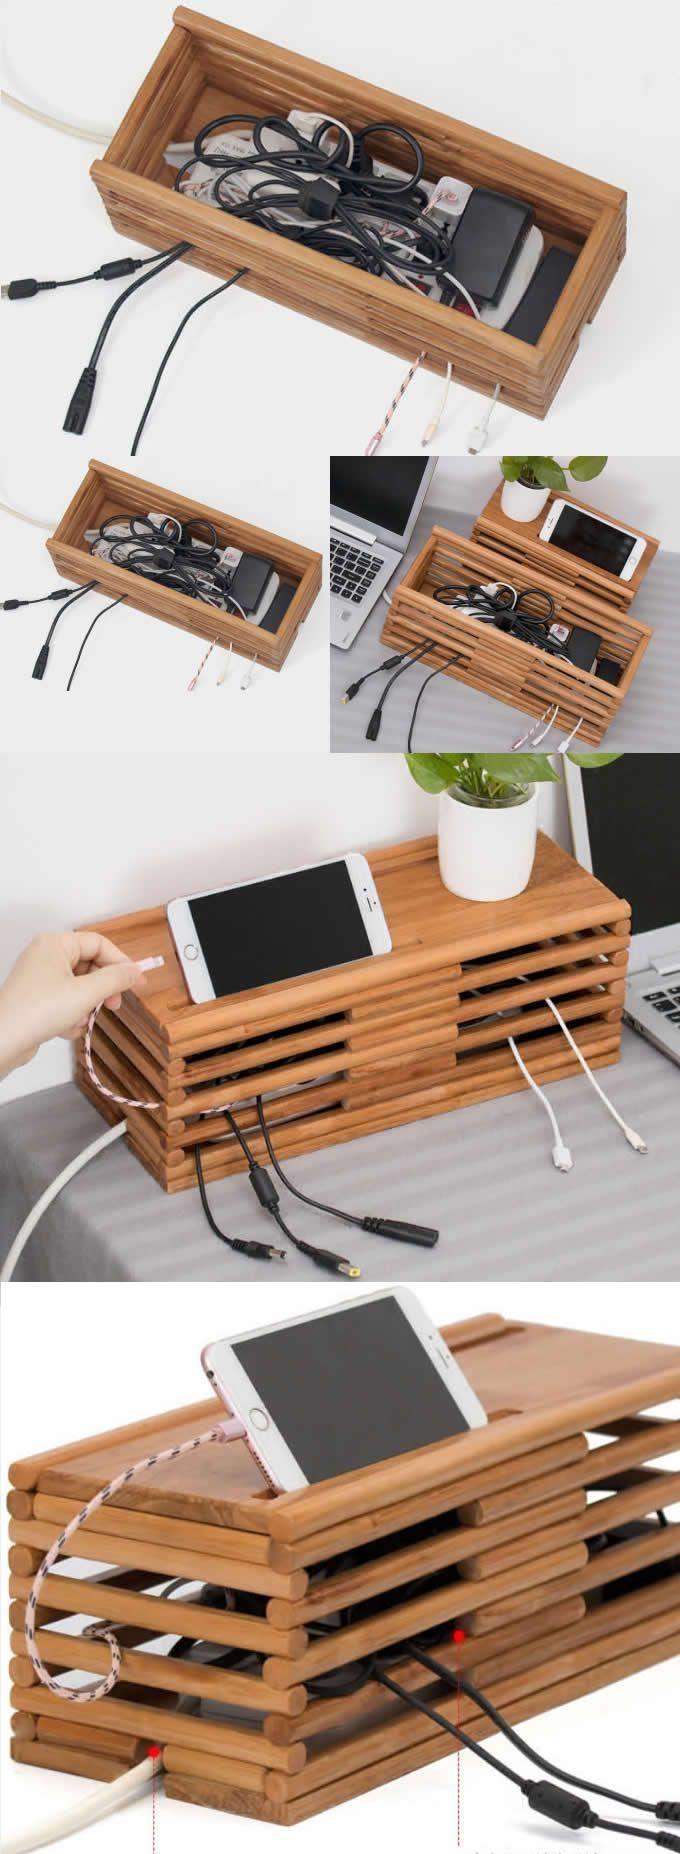 bambus holz ladekabel organizer ipad handy ladestation. Black Bedroom Furniture Sets. Home Design Ideas